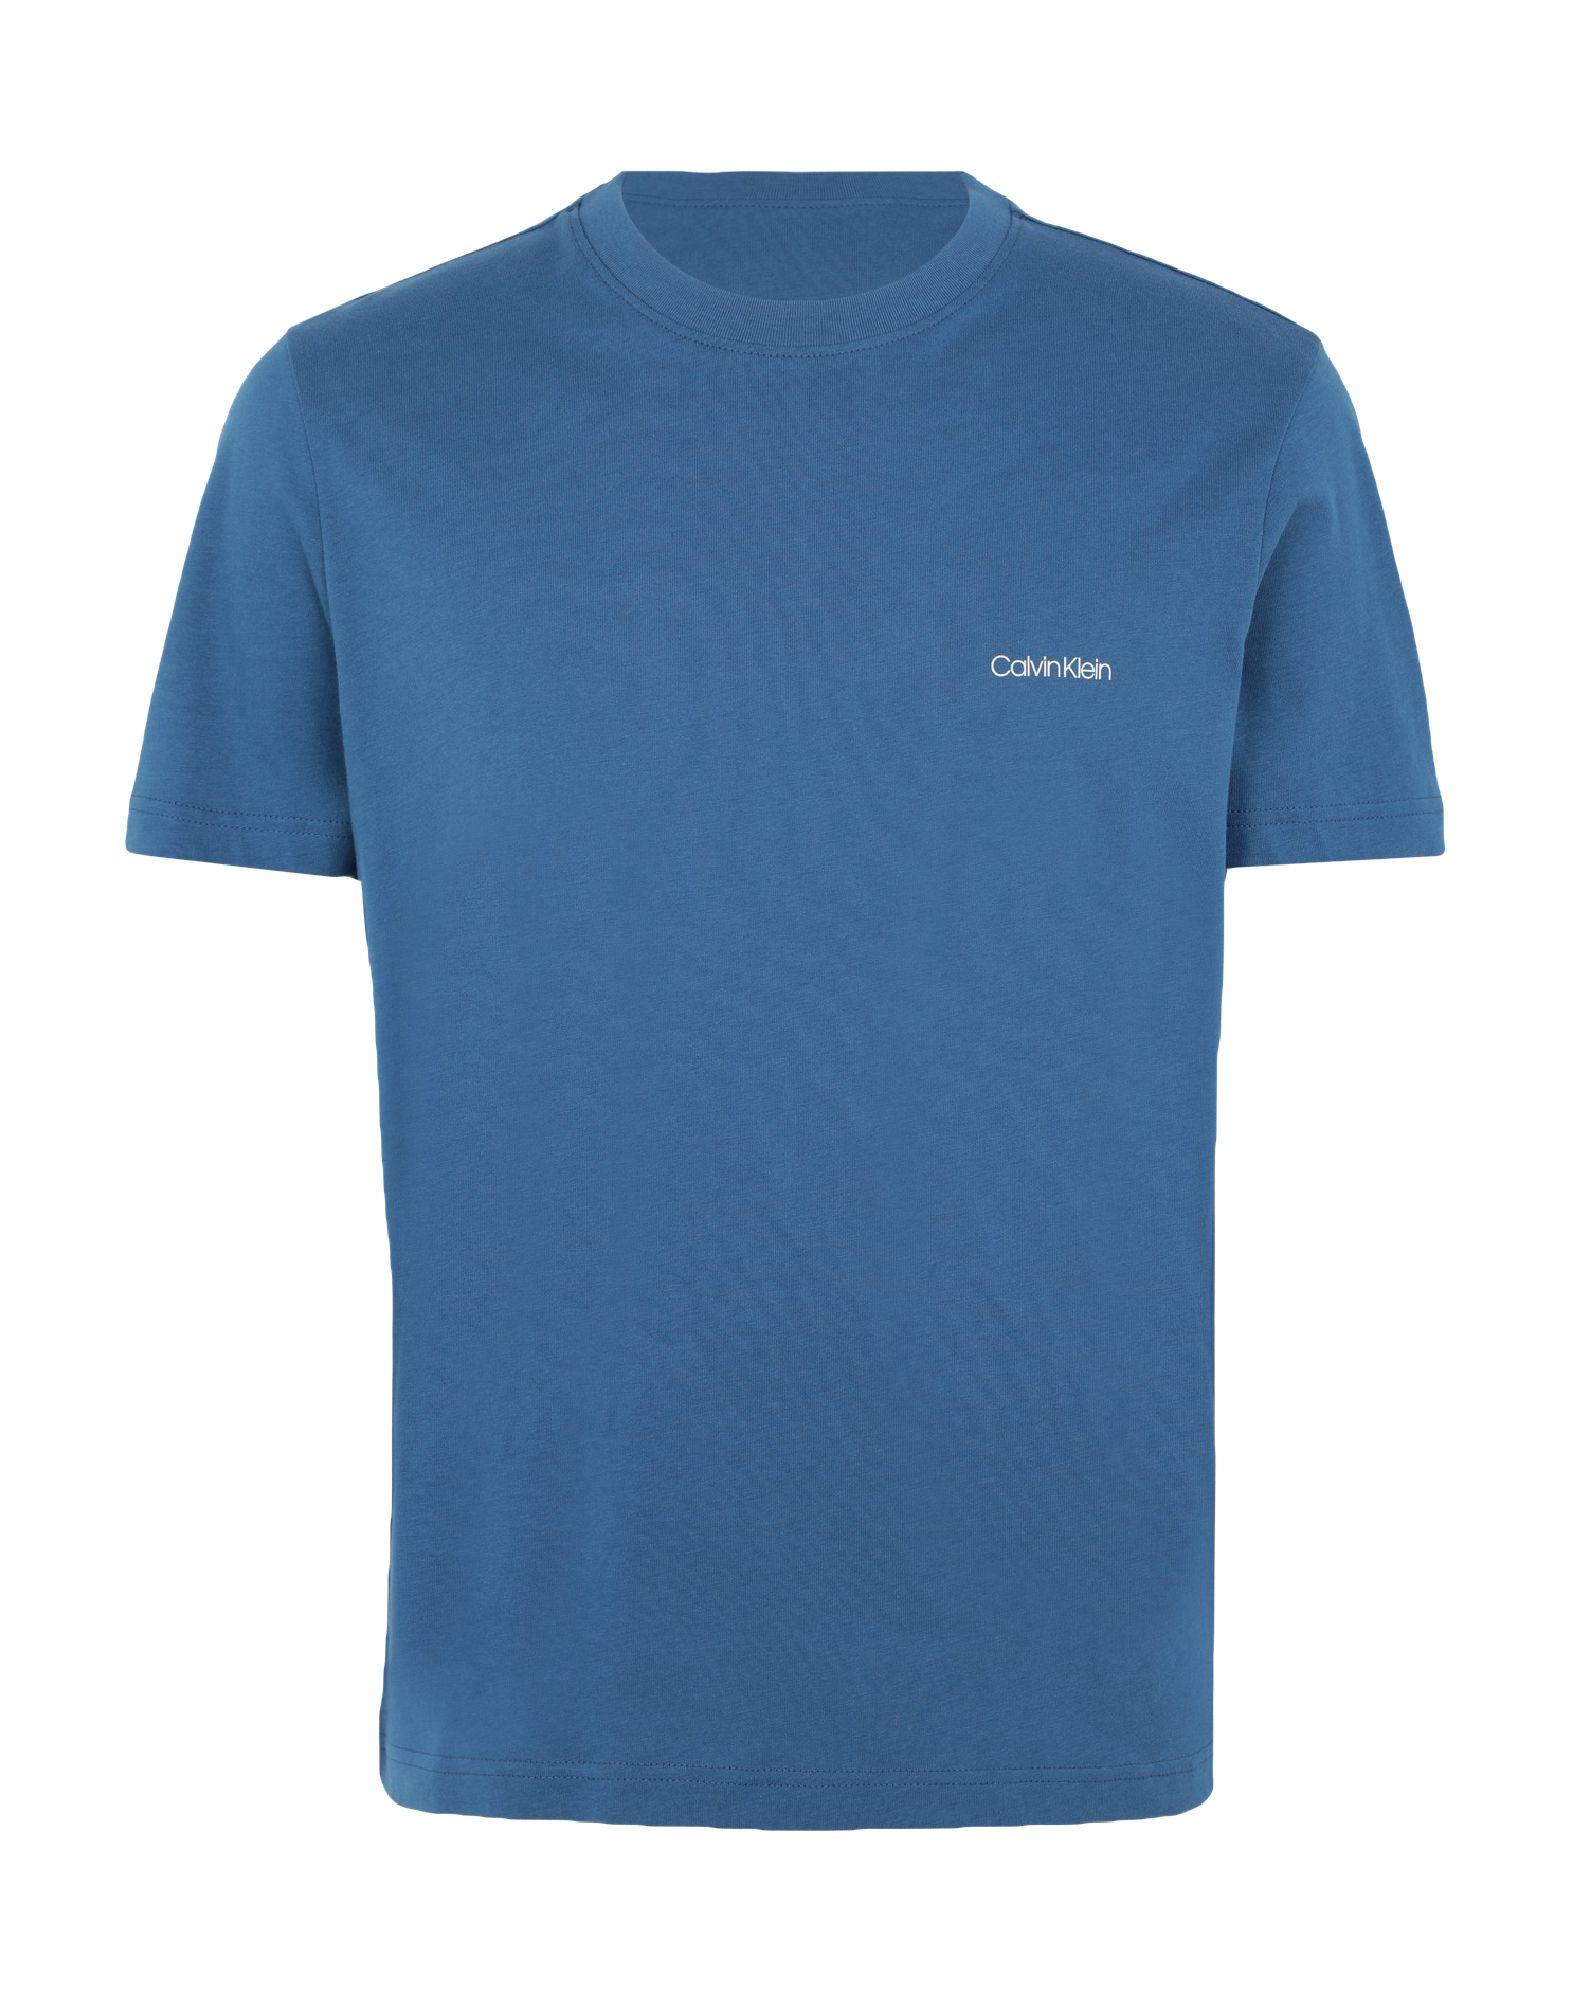 《セール開催中》CALVIN KLEIN メンズ T シャツ ブルーグレー S コットン 100% COTTON CHEST LOGO T-SHIRT